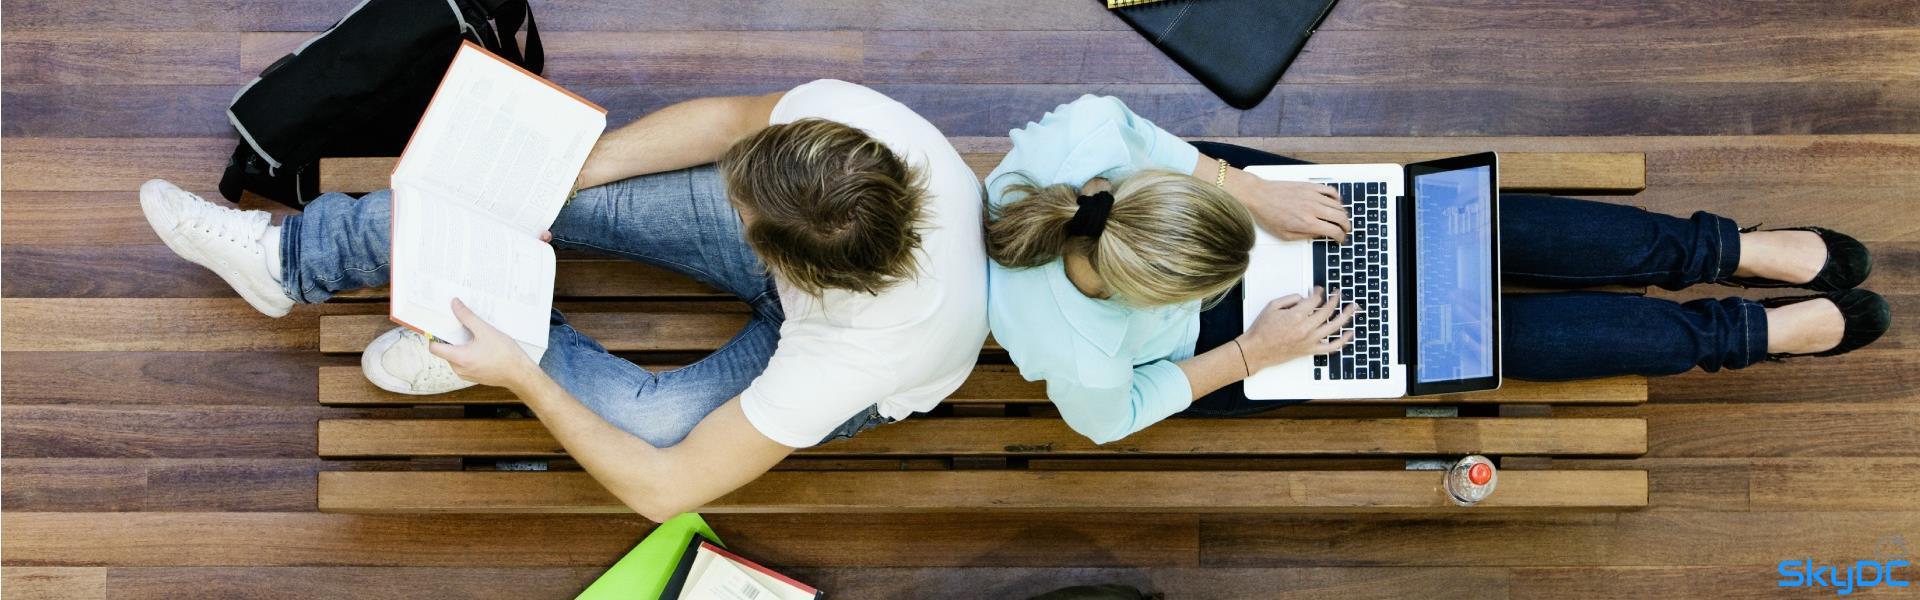 외국어 학습 시 큰 소리로 읽기를 할 때 주의할 점